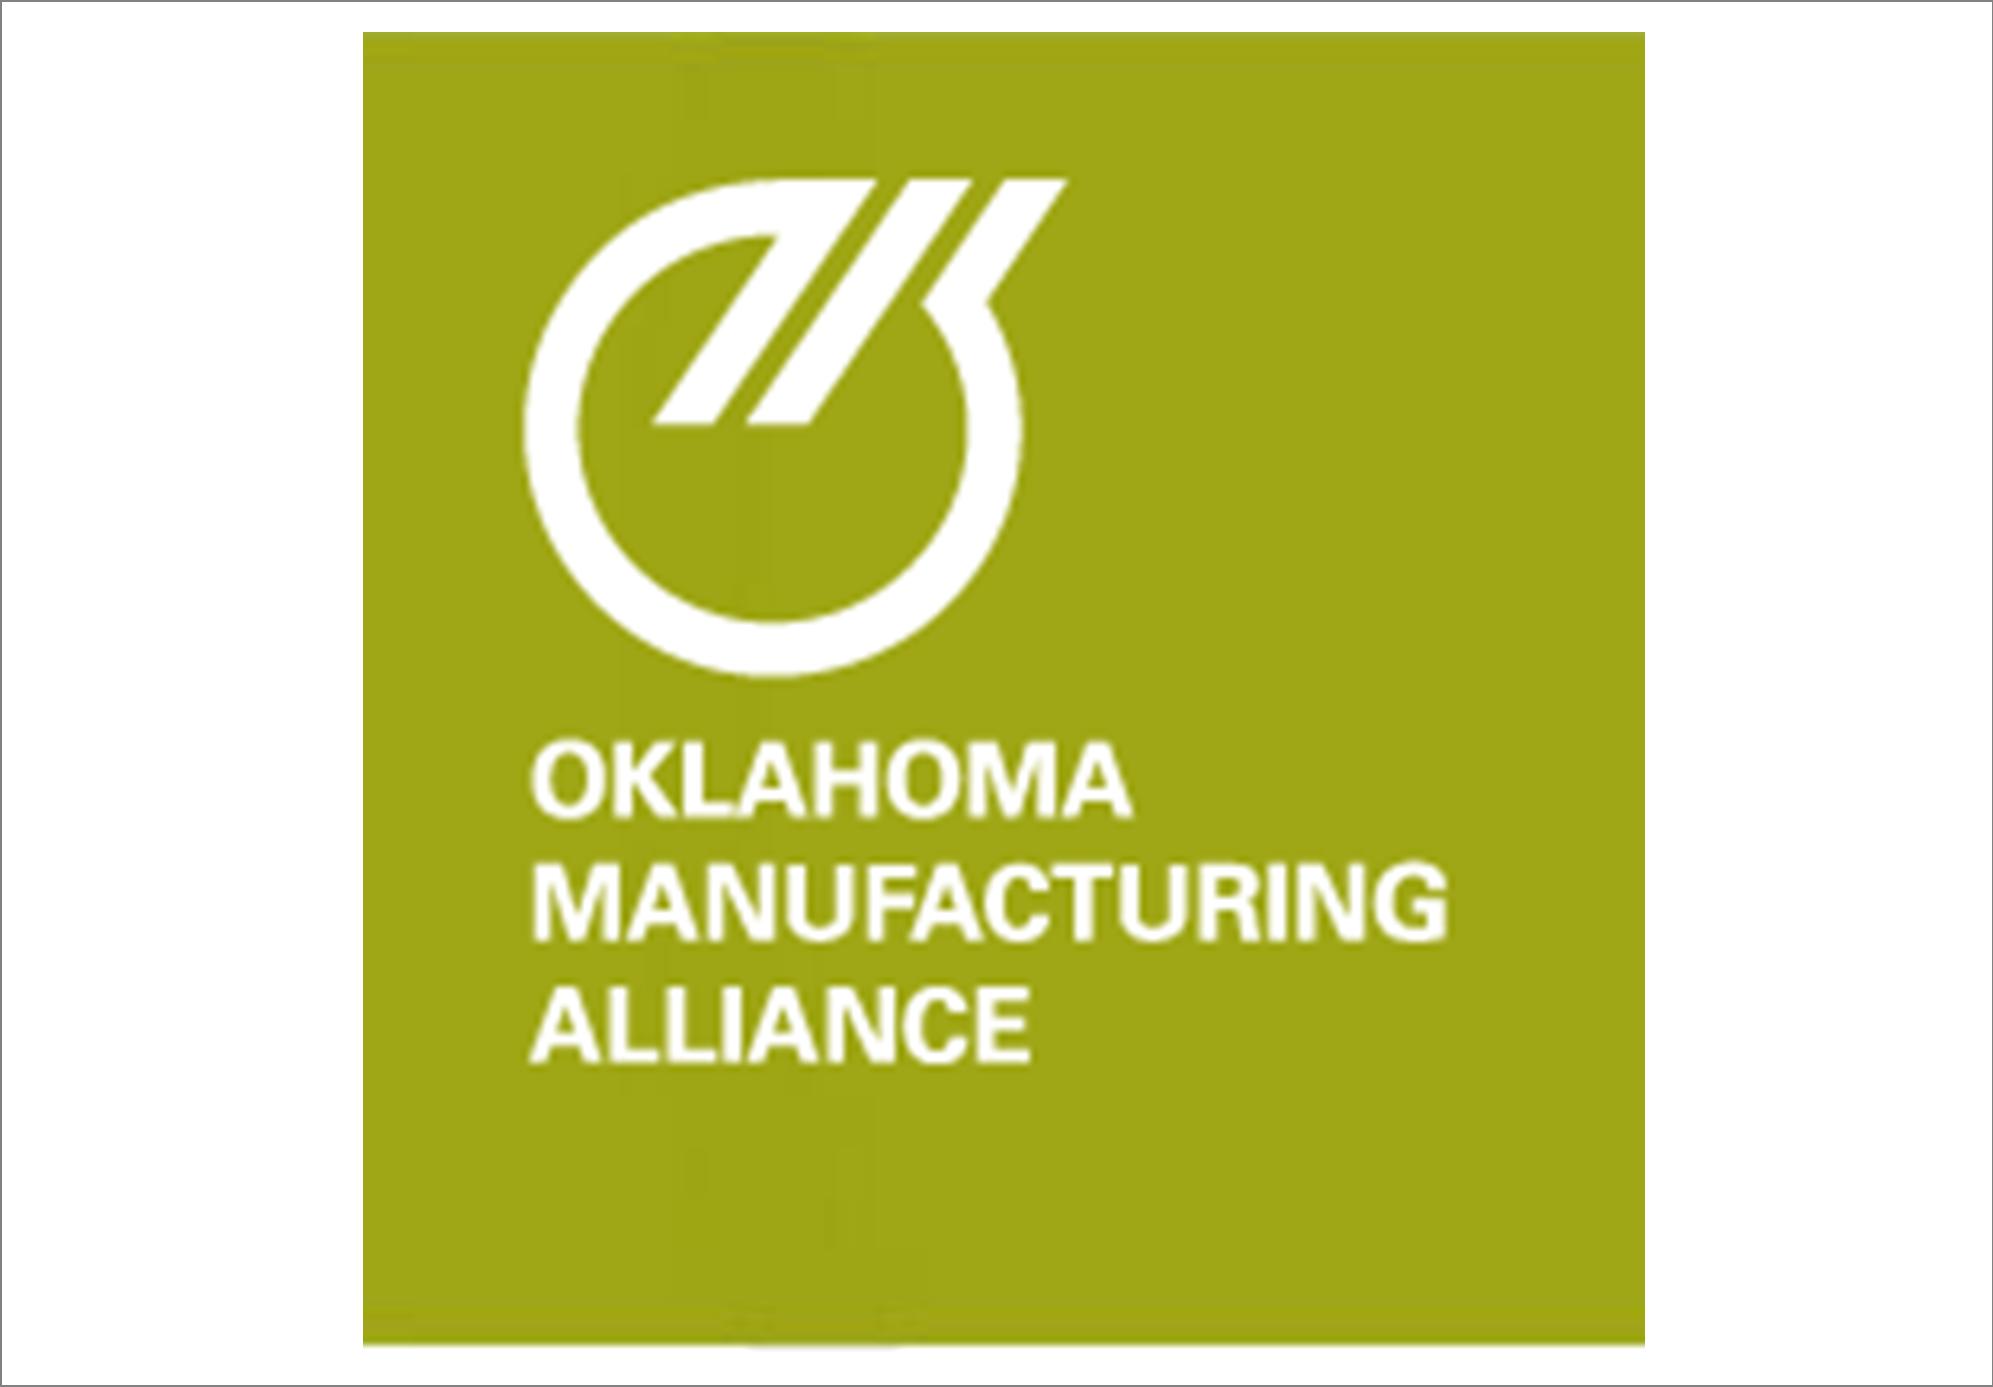 Oklahoma Manufacturing Alliance (OMA)